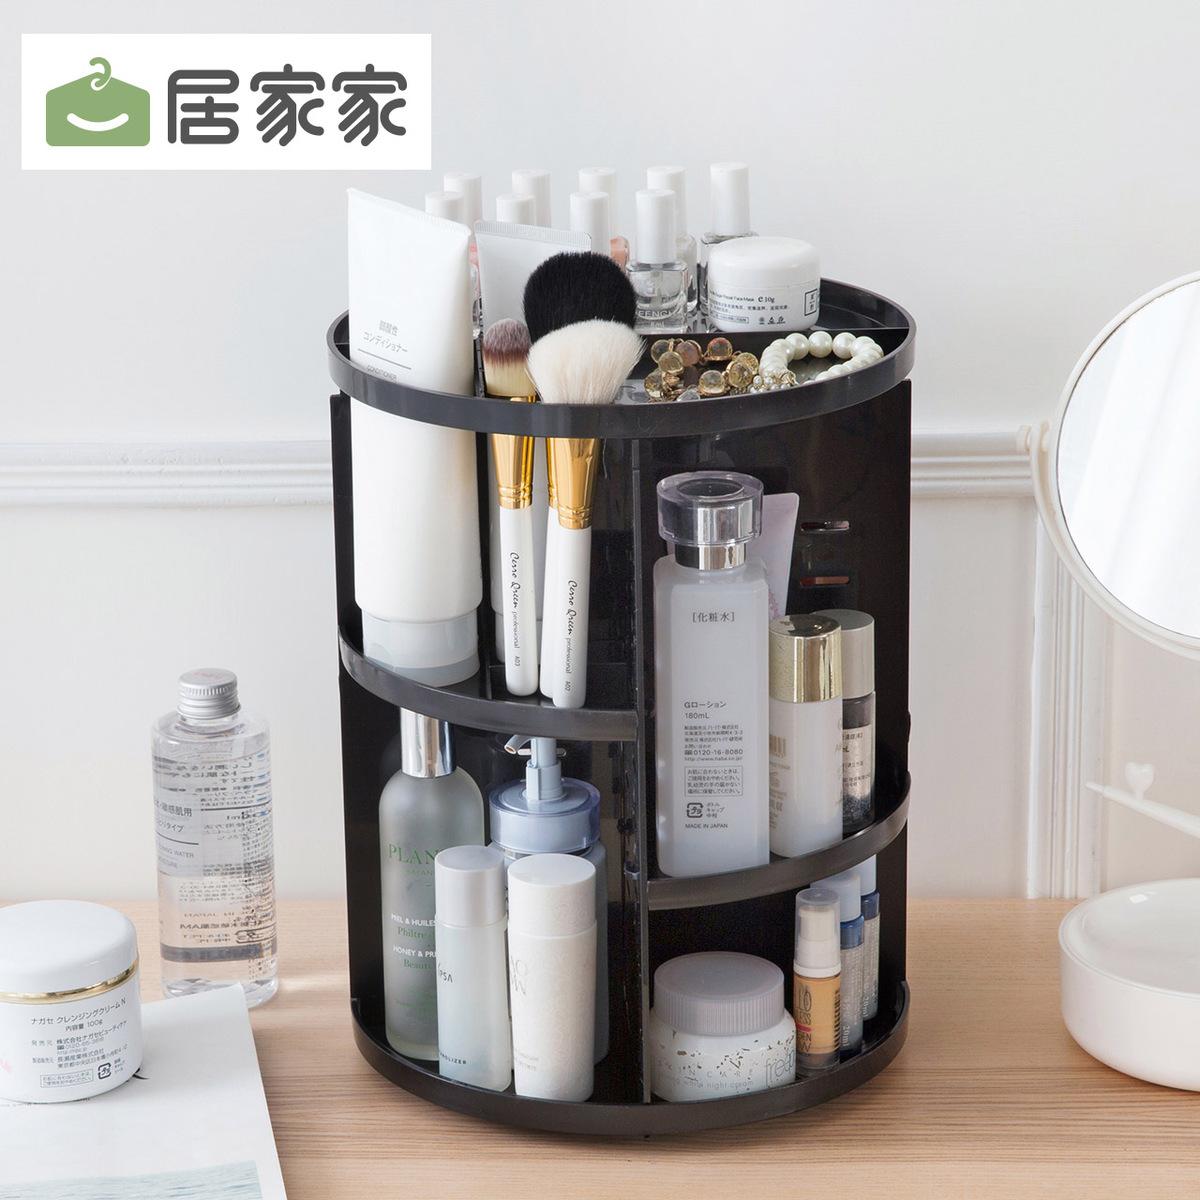 (用11.2元券)居家家旋转化妆品置物架梳妆台收纳盒桌面放护肤品架子塑料收纳架